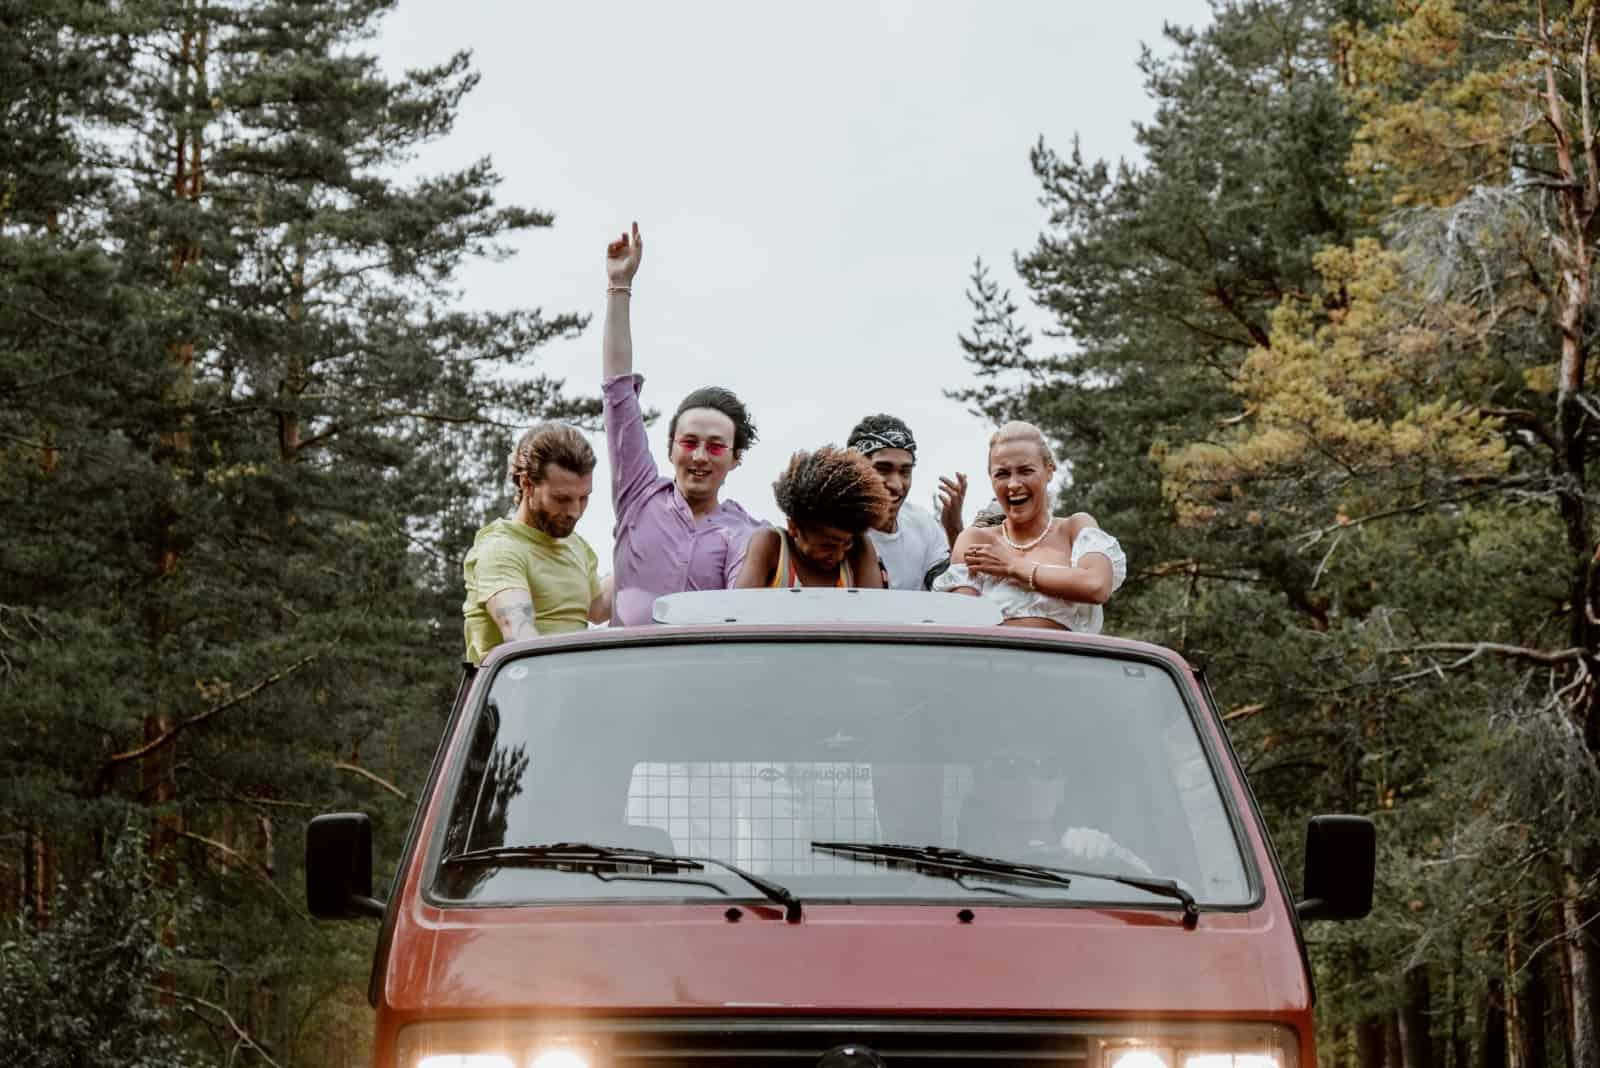 Des amis s'amusent à l'arrière d'un pick-up